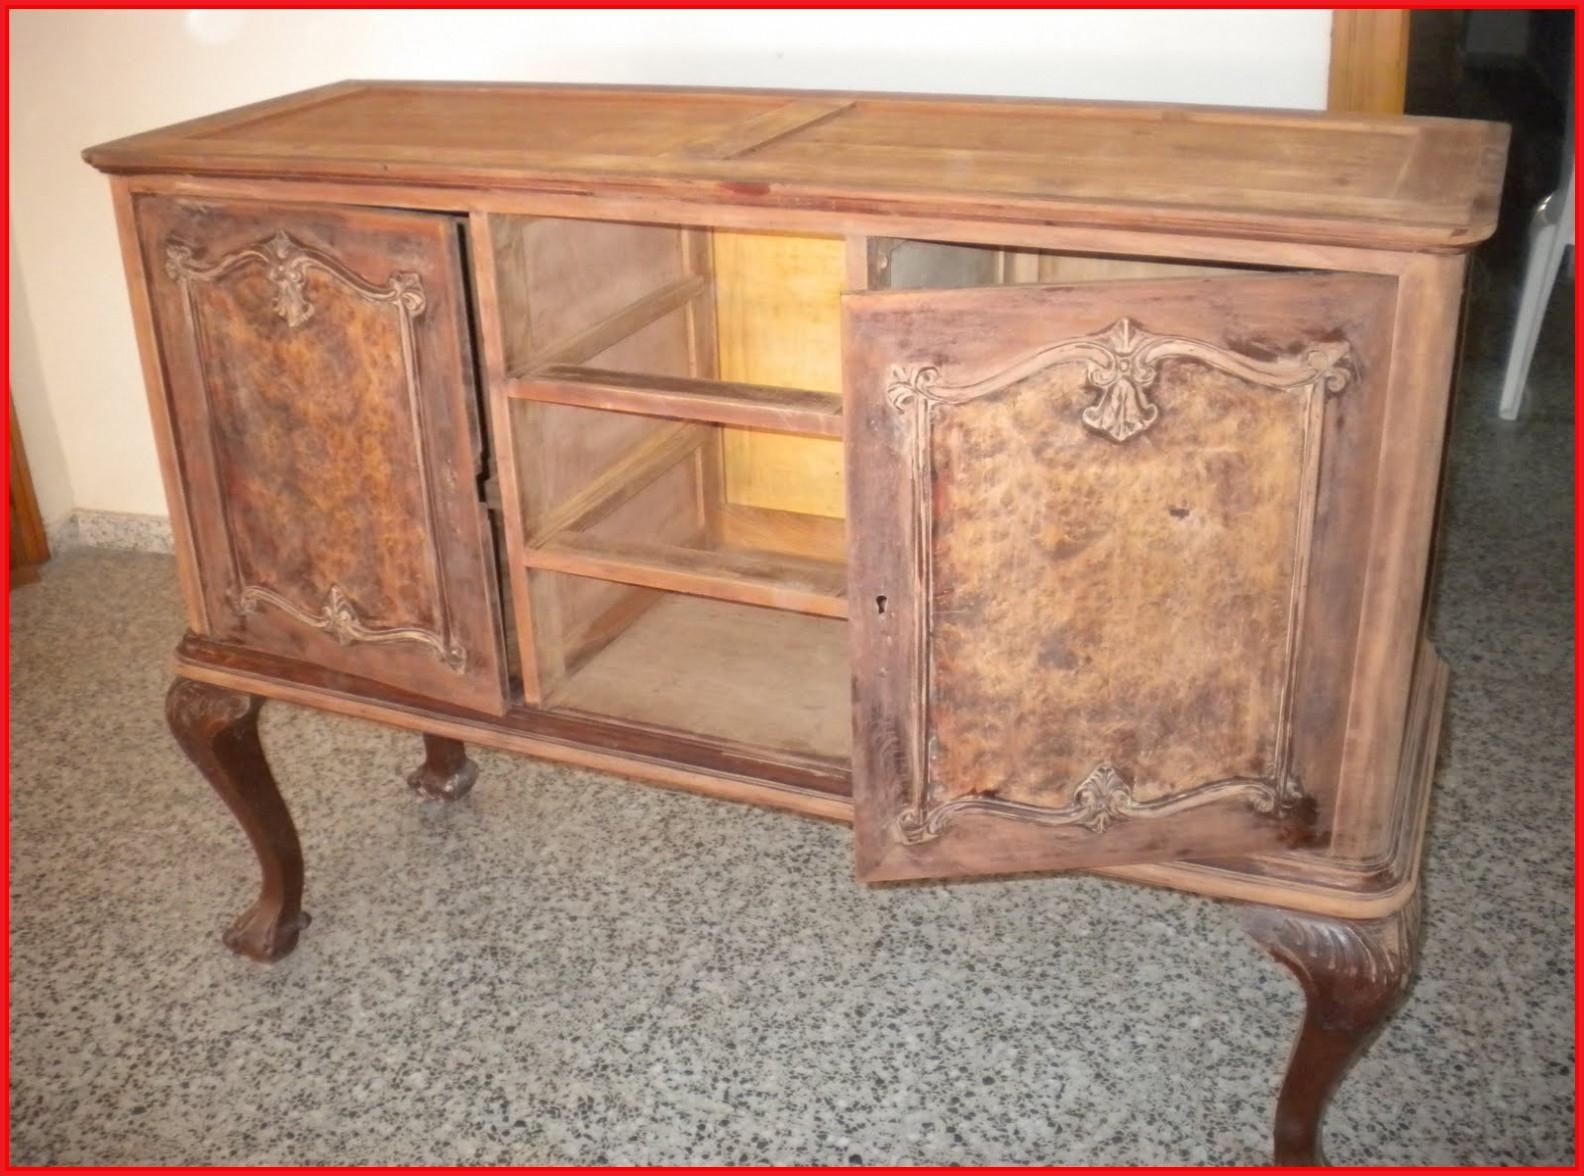 Venta De Muebles Antiguos Para Restaurar Tqd3 Muebles Antiguos Para Restaurar Muebles Antiguos Para